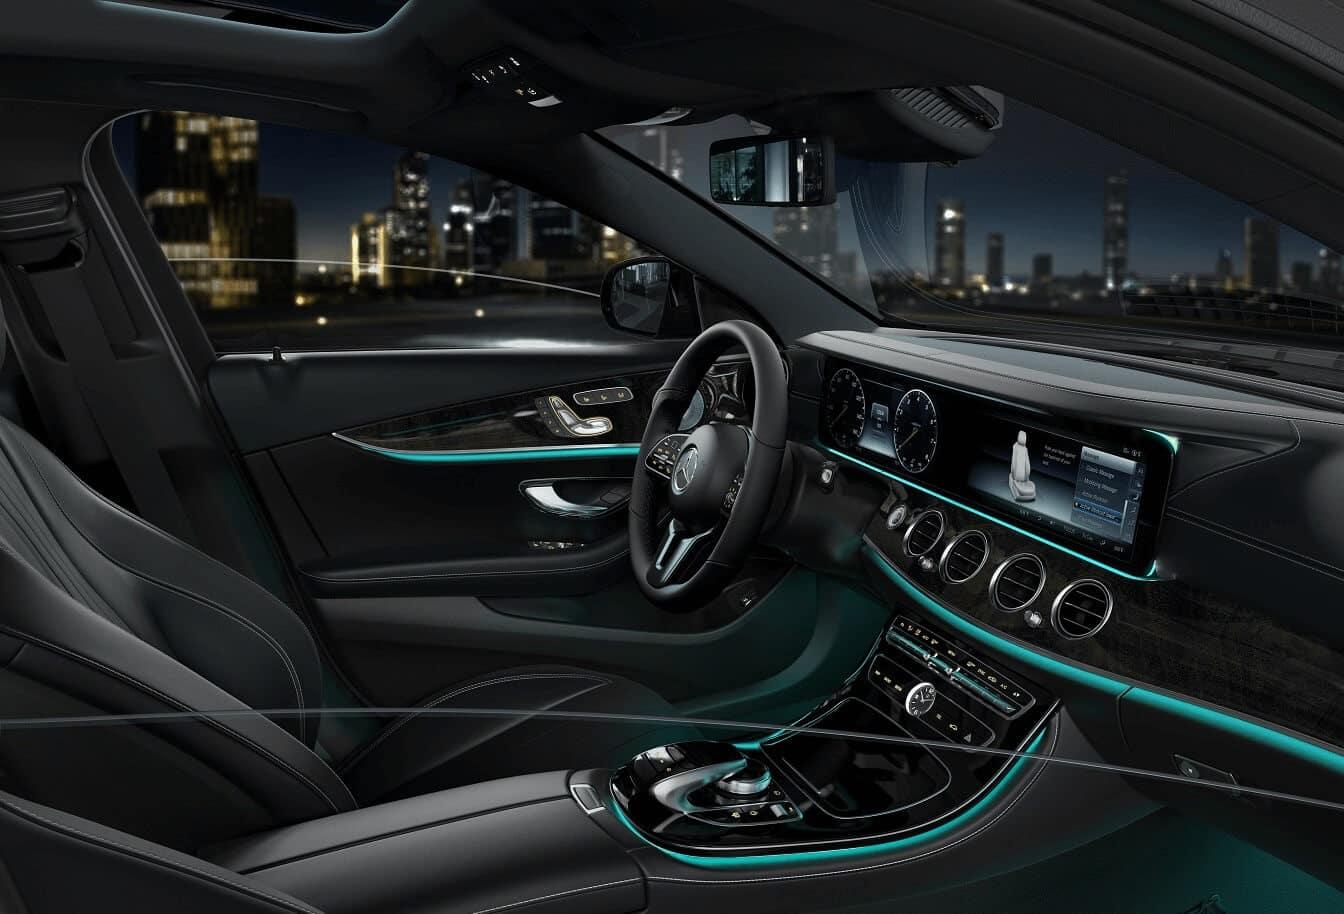 2020 Mercedes Benz E-Class Interior